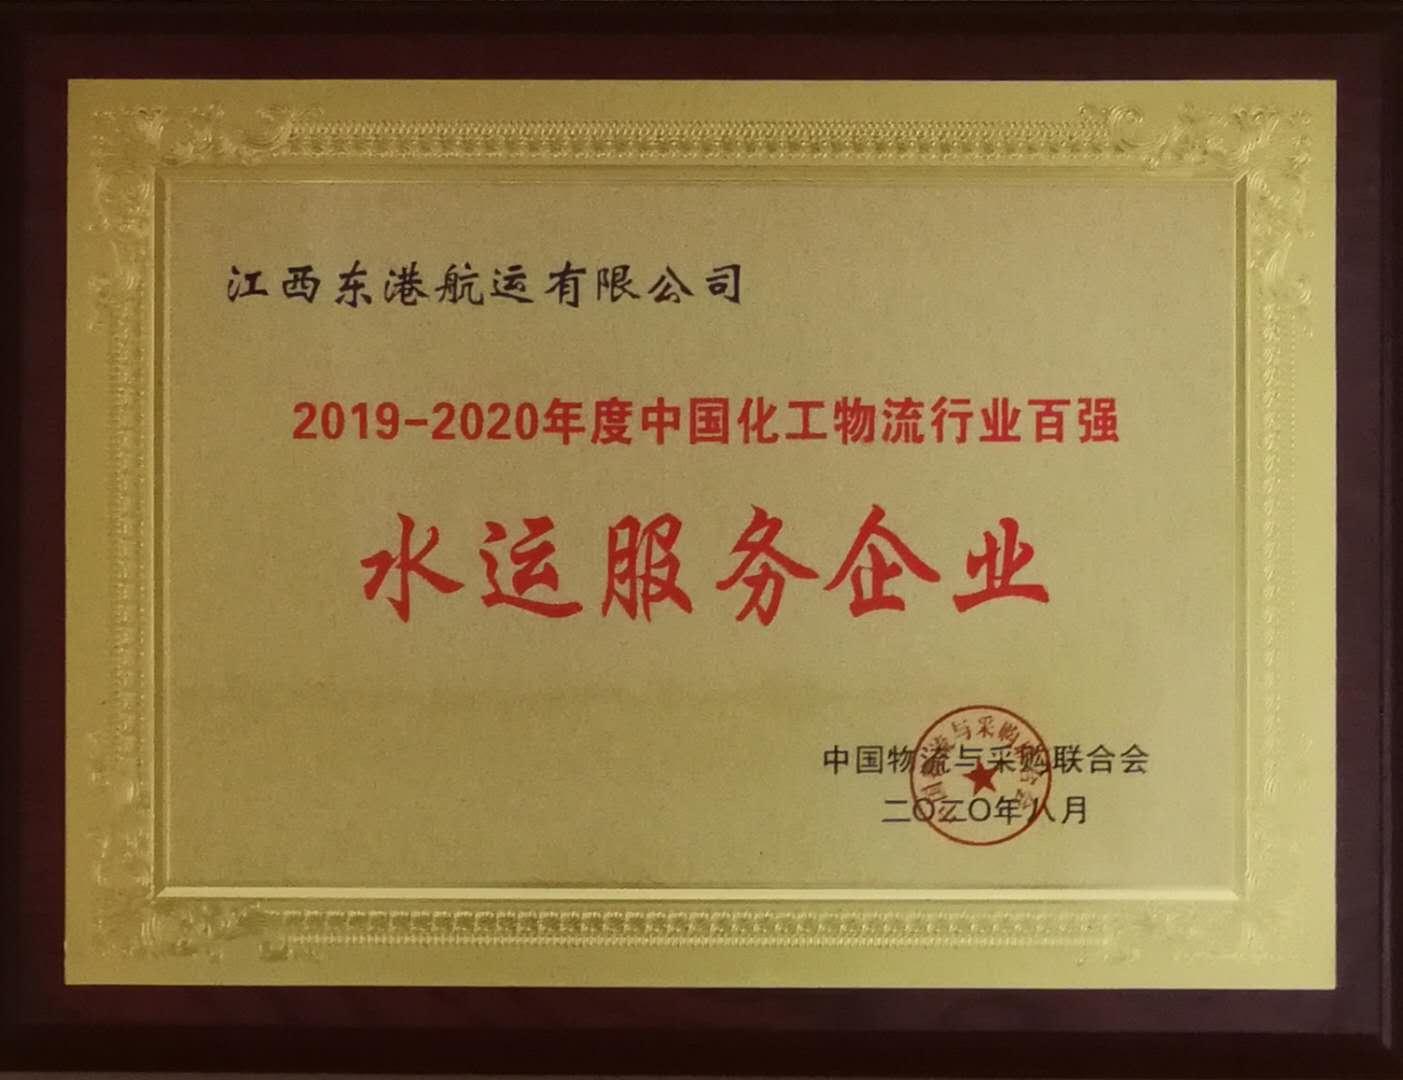 2020年度中国化工物流百强行业